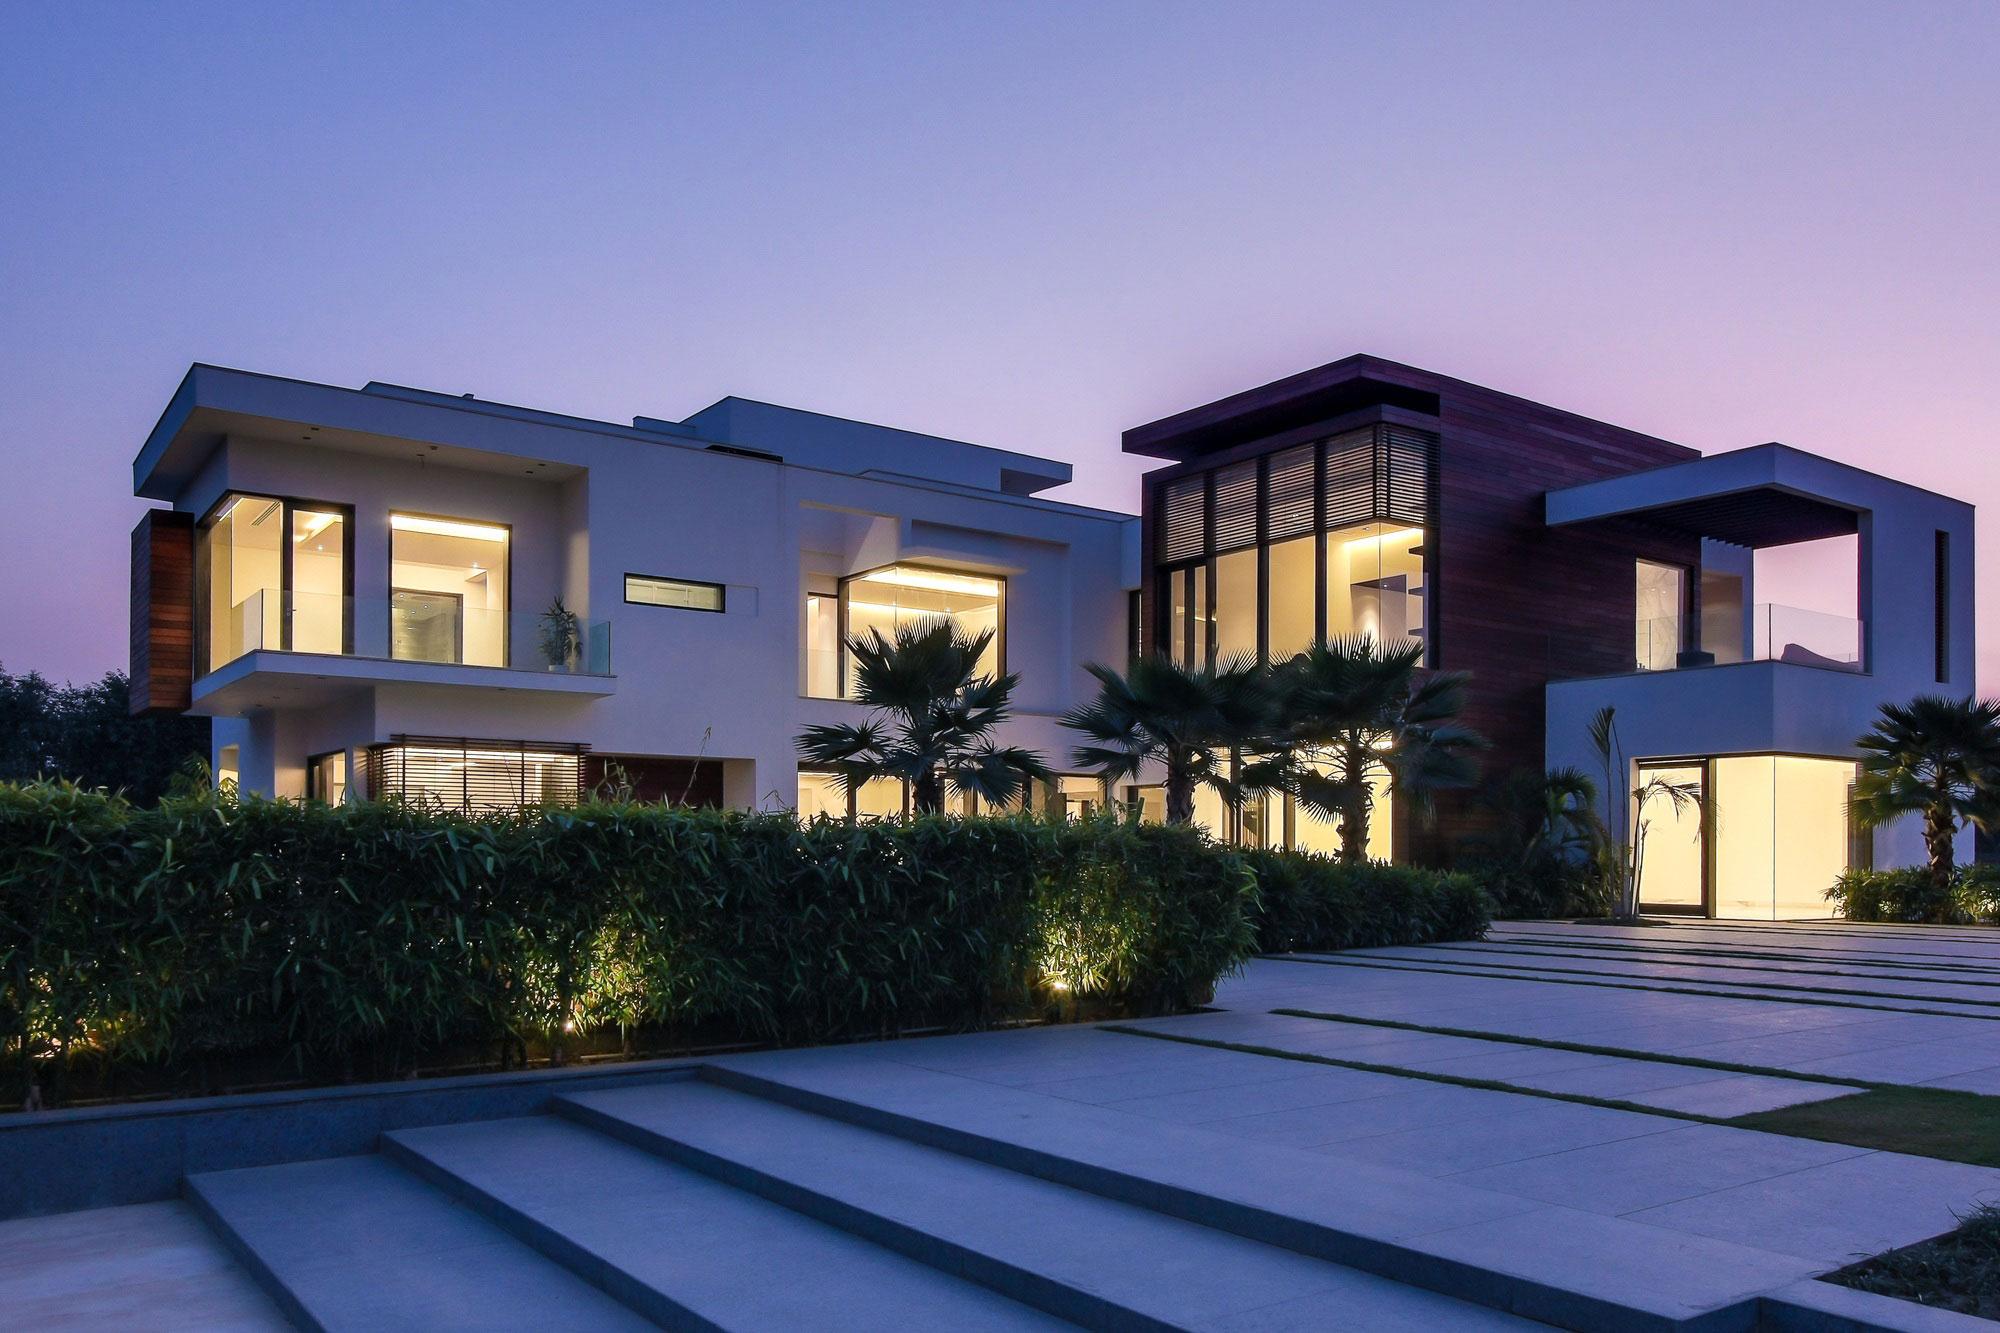 modern house design nashville – Modern House